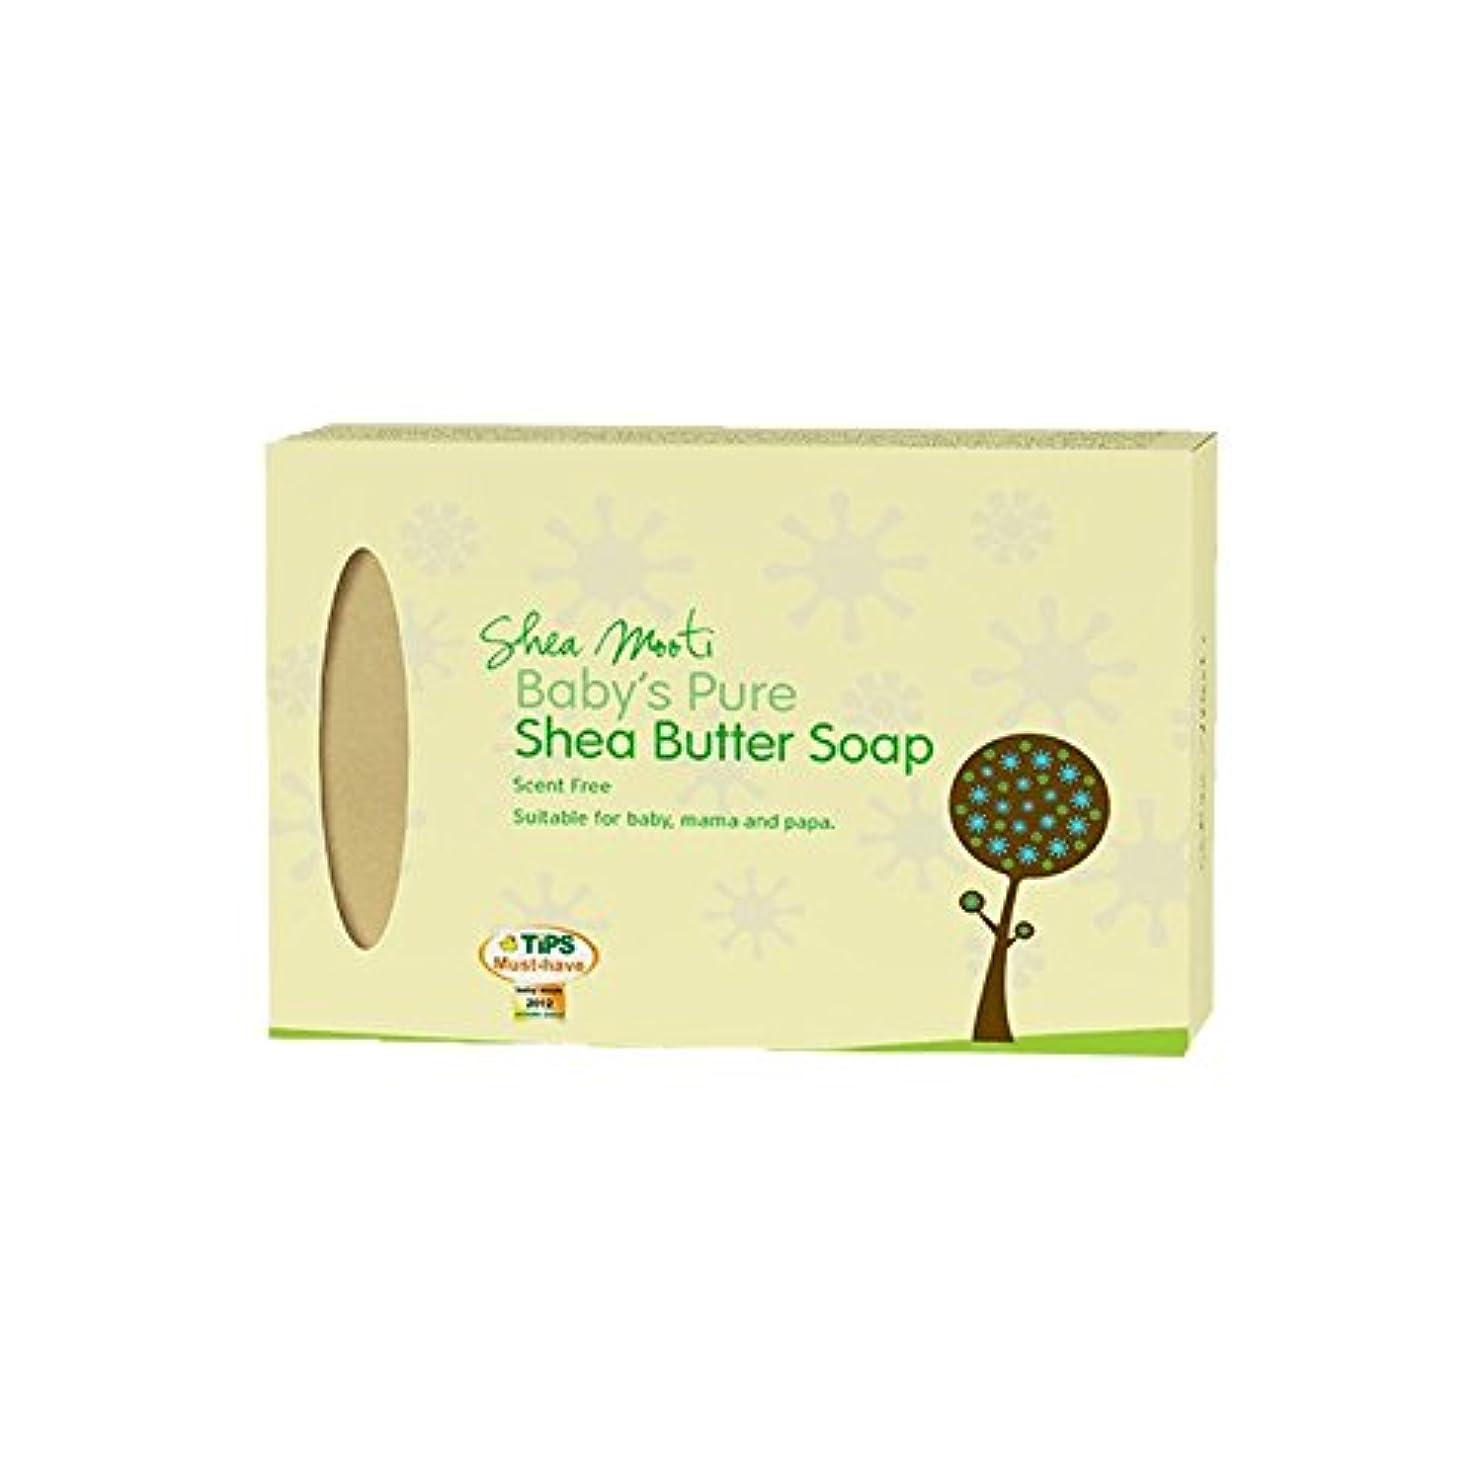 そばに別れる研究所Shea Mooti Baby's Pure Shea Butter Soap Unscented 250ml (Pack of 6) - シアバターMooti赤ちゃんの純粋なシアバターソープ無香250ミリリットル (x6) [並行輸入品]